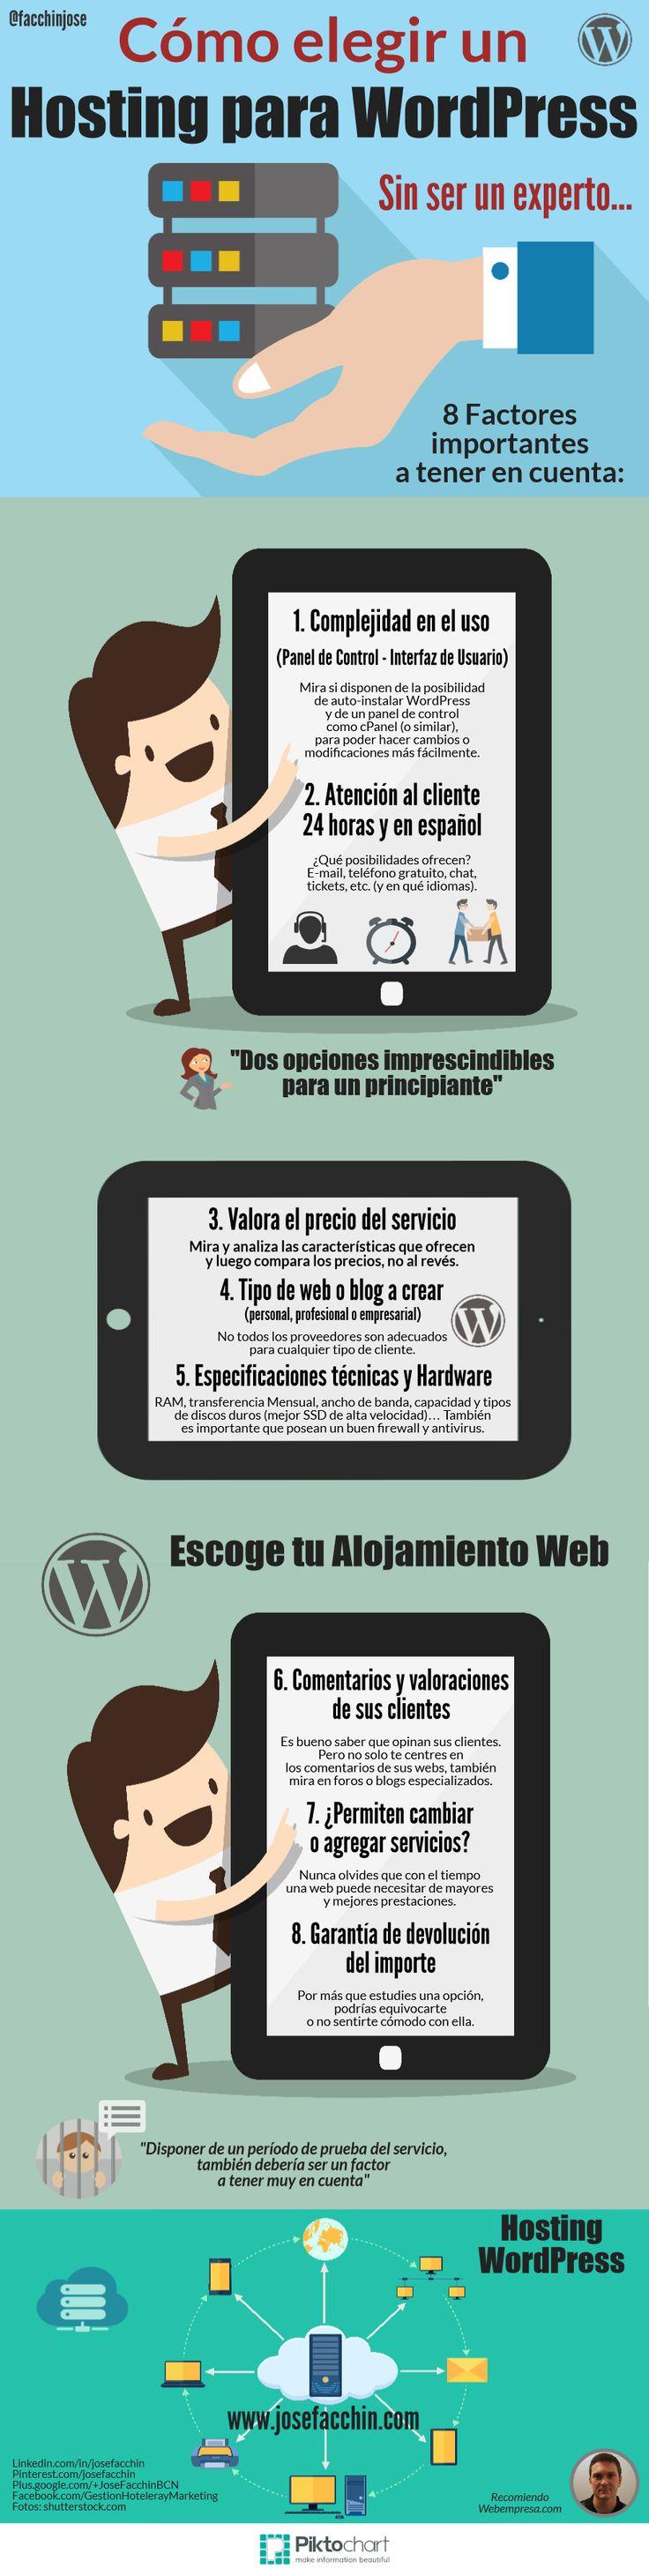 ¿Cómo elegir un Hosting para WordPress sin ser un experto? #Wordpress #SocialMedia